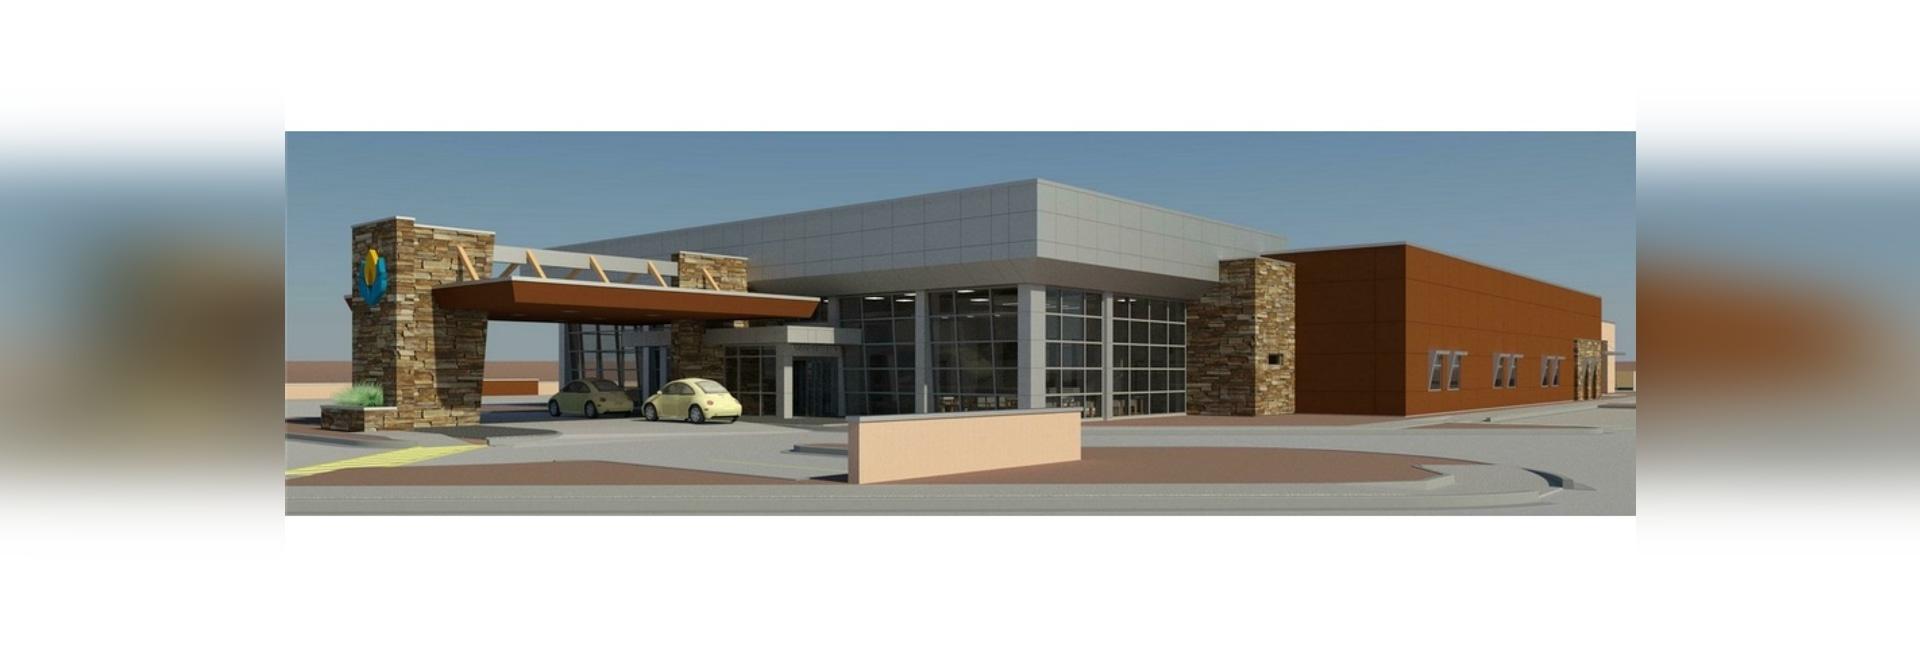 Nouvel hôpital appelé hôpital de Carondelet Marana